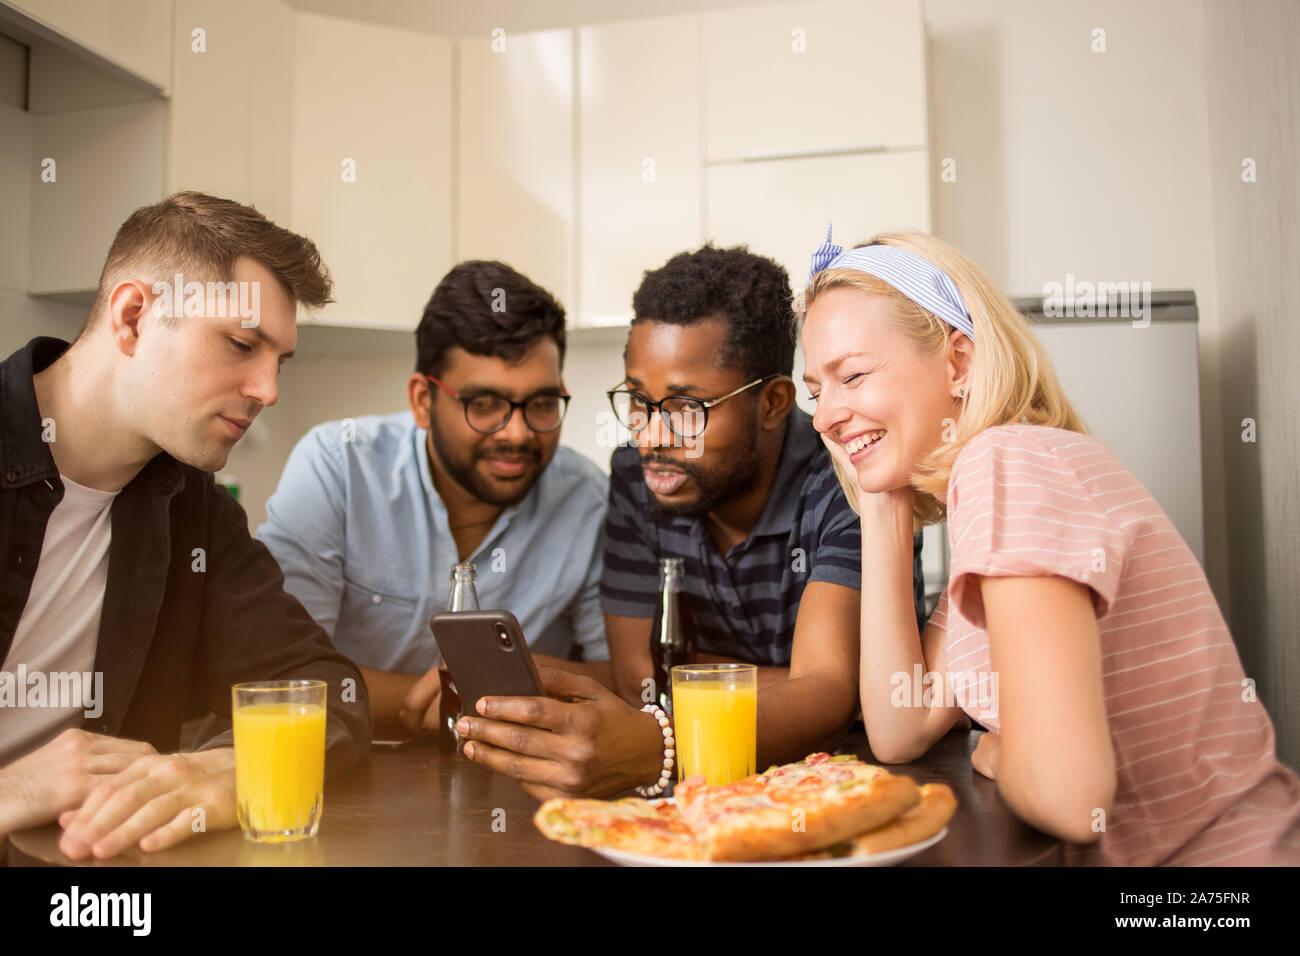 Cuatro amigos sentados a la mesa, comer pizza, beber bebidas gaseosas, la lectura de un mensaje de texto en el teléfono inteligente, prueba nueva aplicación teléfono juntos. Mult Foto de stock